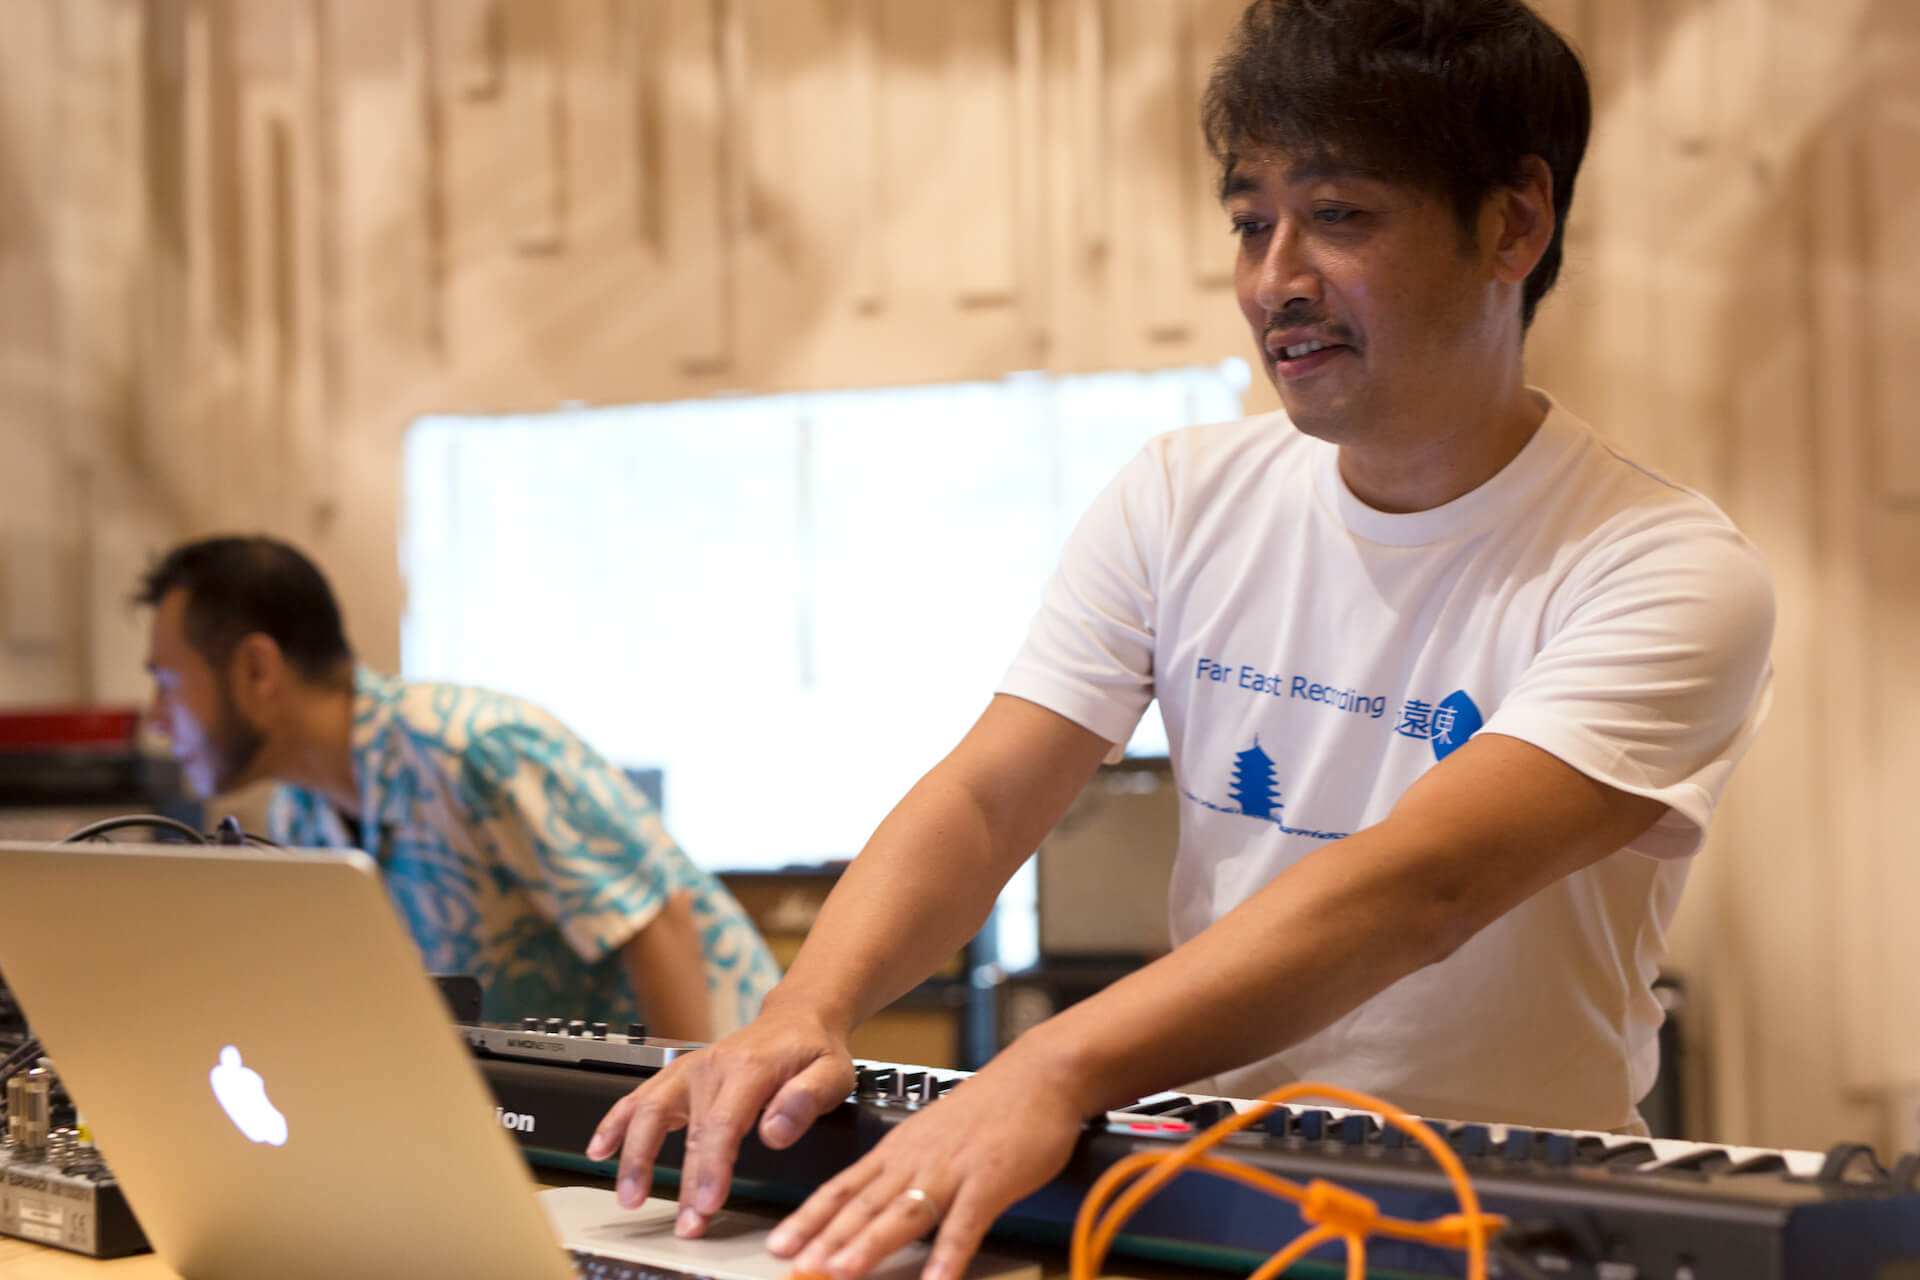 フォトレポ|ハウスシーンで歴史的事件となるSoichi Terada × Shinichiro Yokotaの再会 interview180912-kewl-soichi-terada-shinichiro-yokota-3